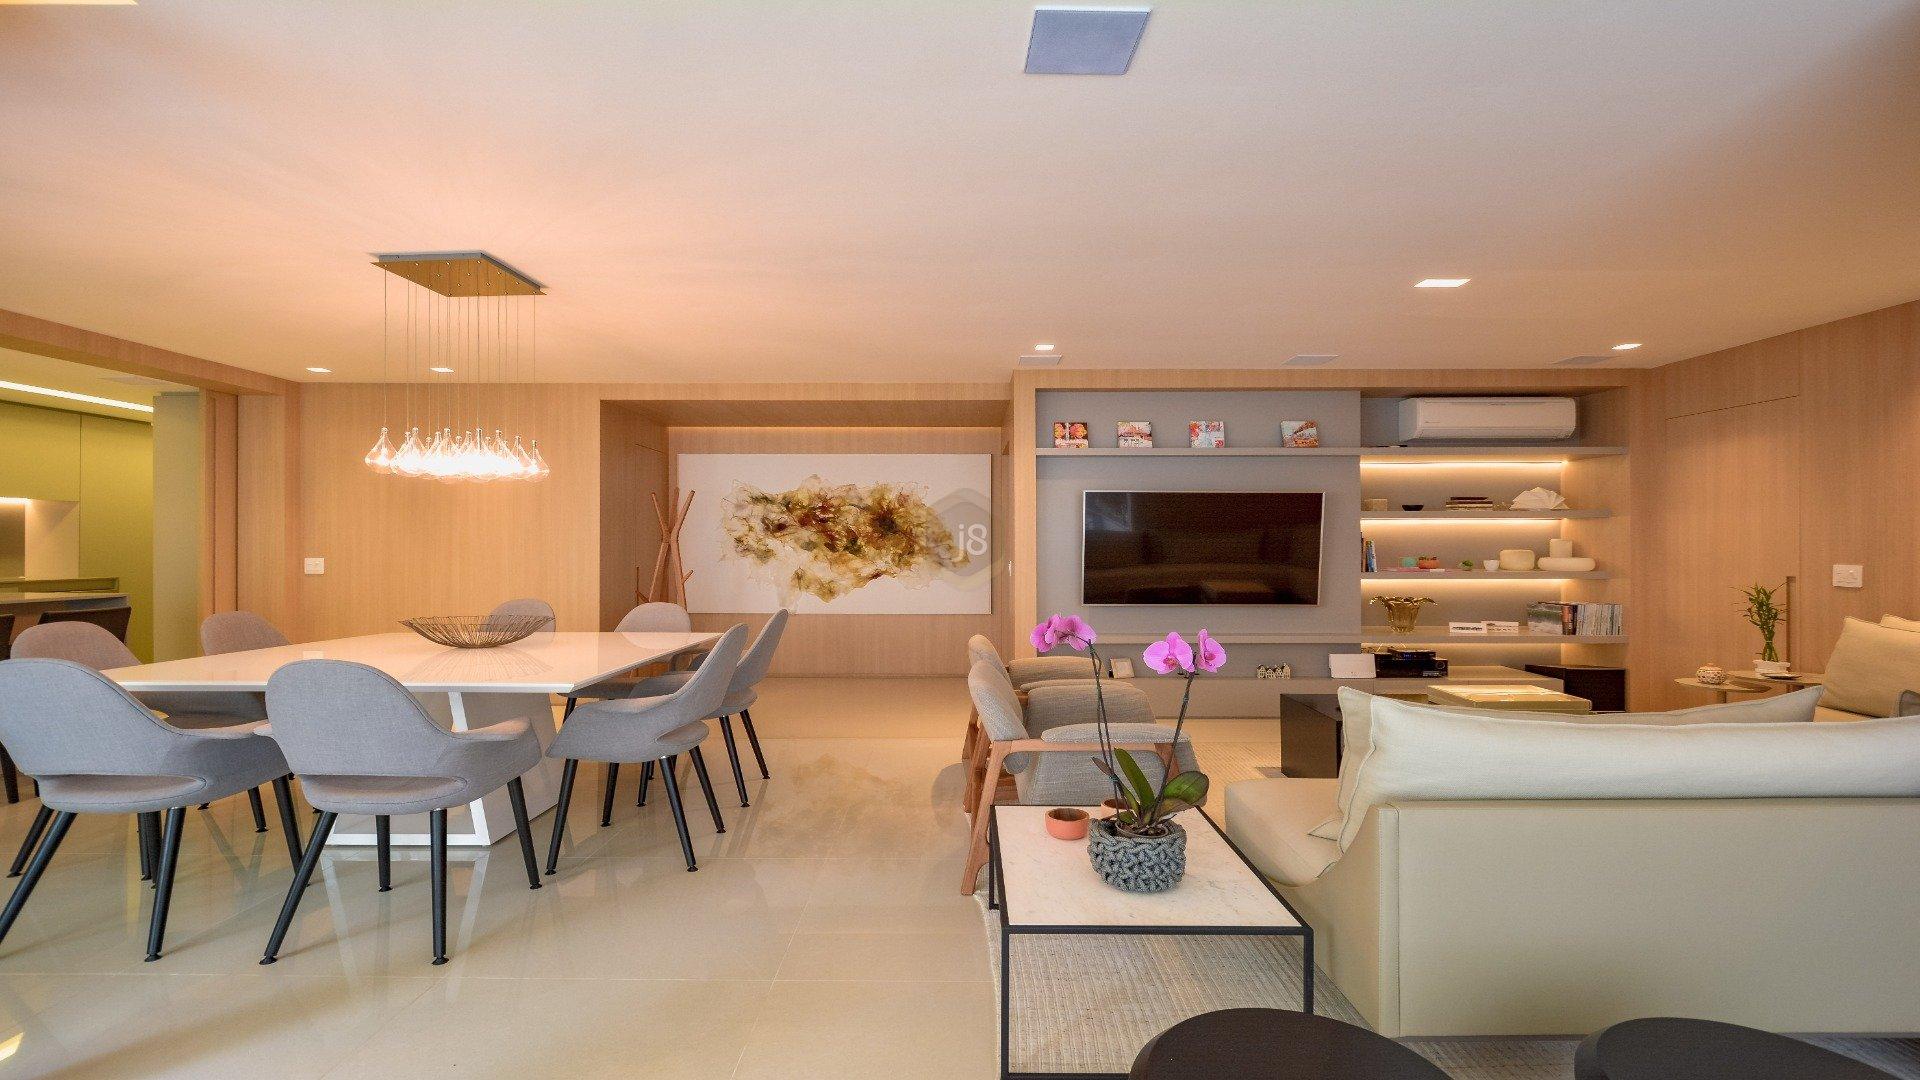 Foto de destaque Apartamento com arquitetura moderna e clean